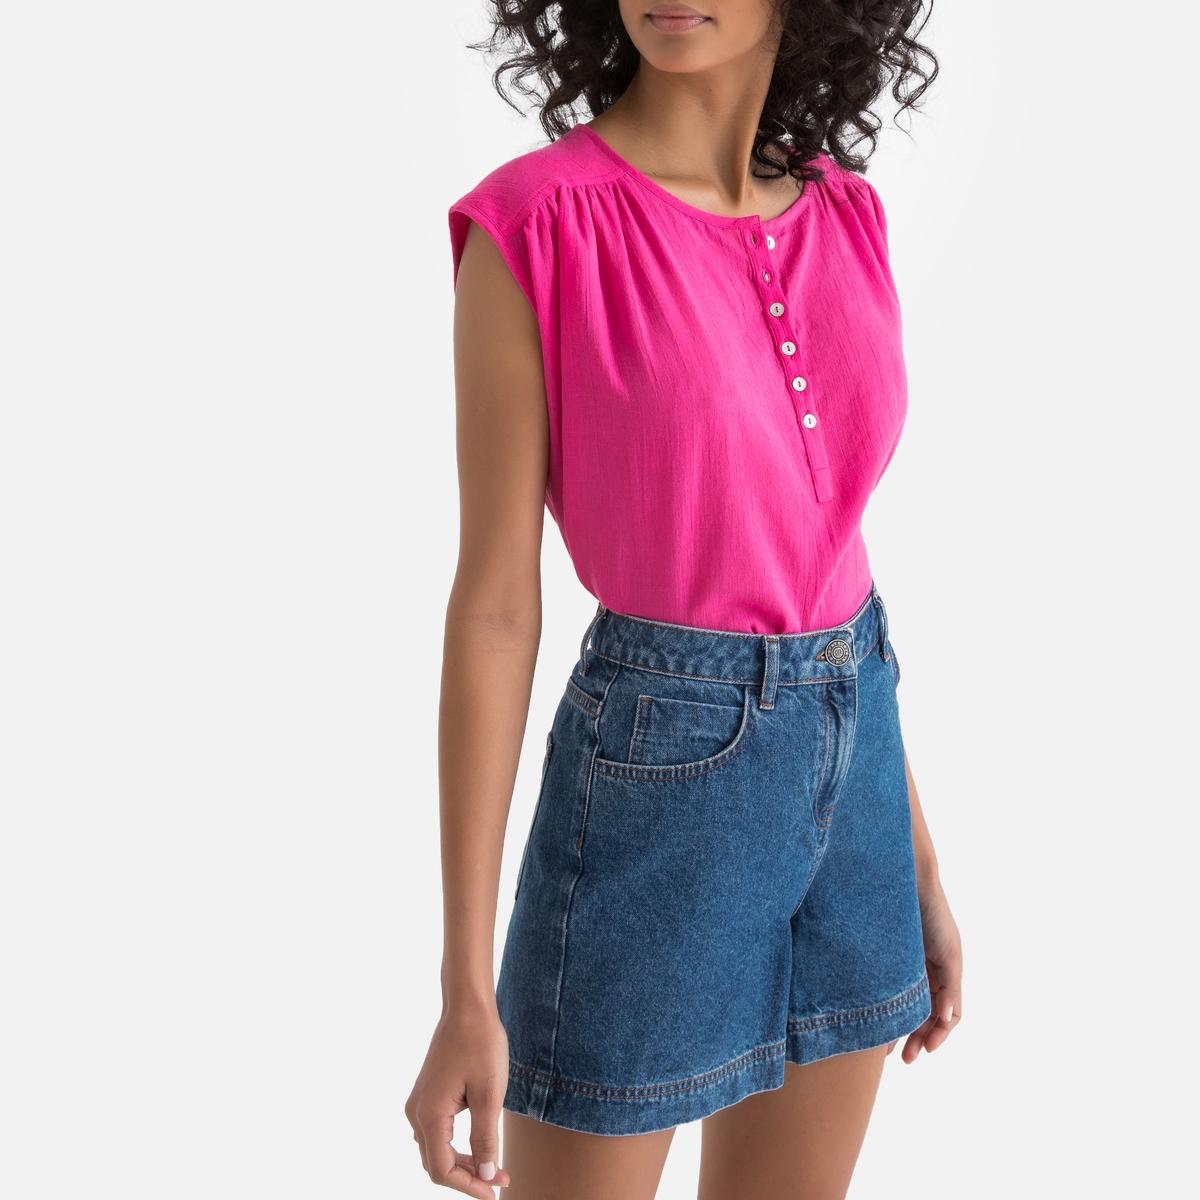 Рубашка La Redoute С тунисским вырезом без рукавов 34 (FR) - 40 (RUS) розовый футболка с тунисским вырезом из 100% хлопка с эффектом фламме